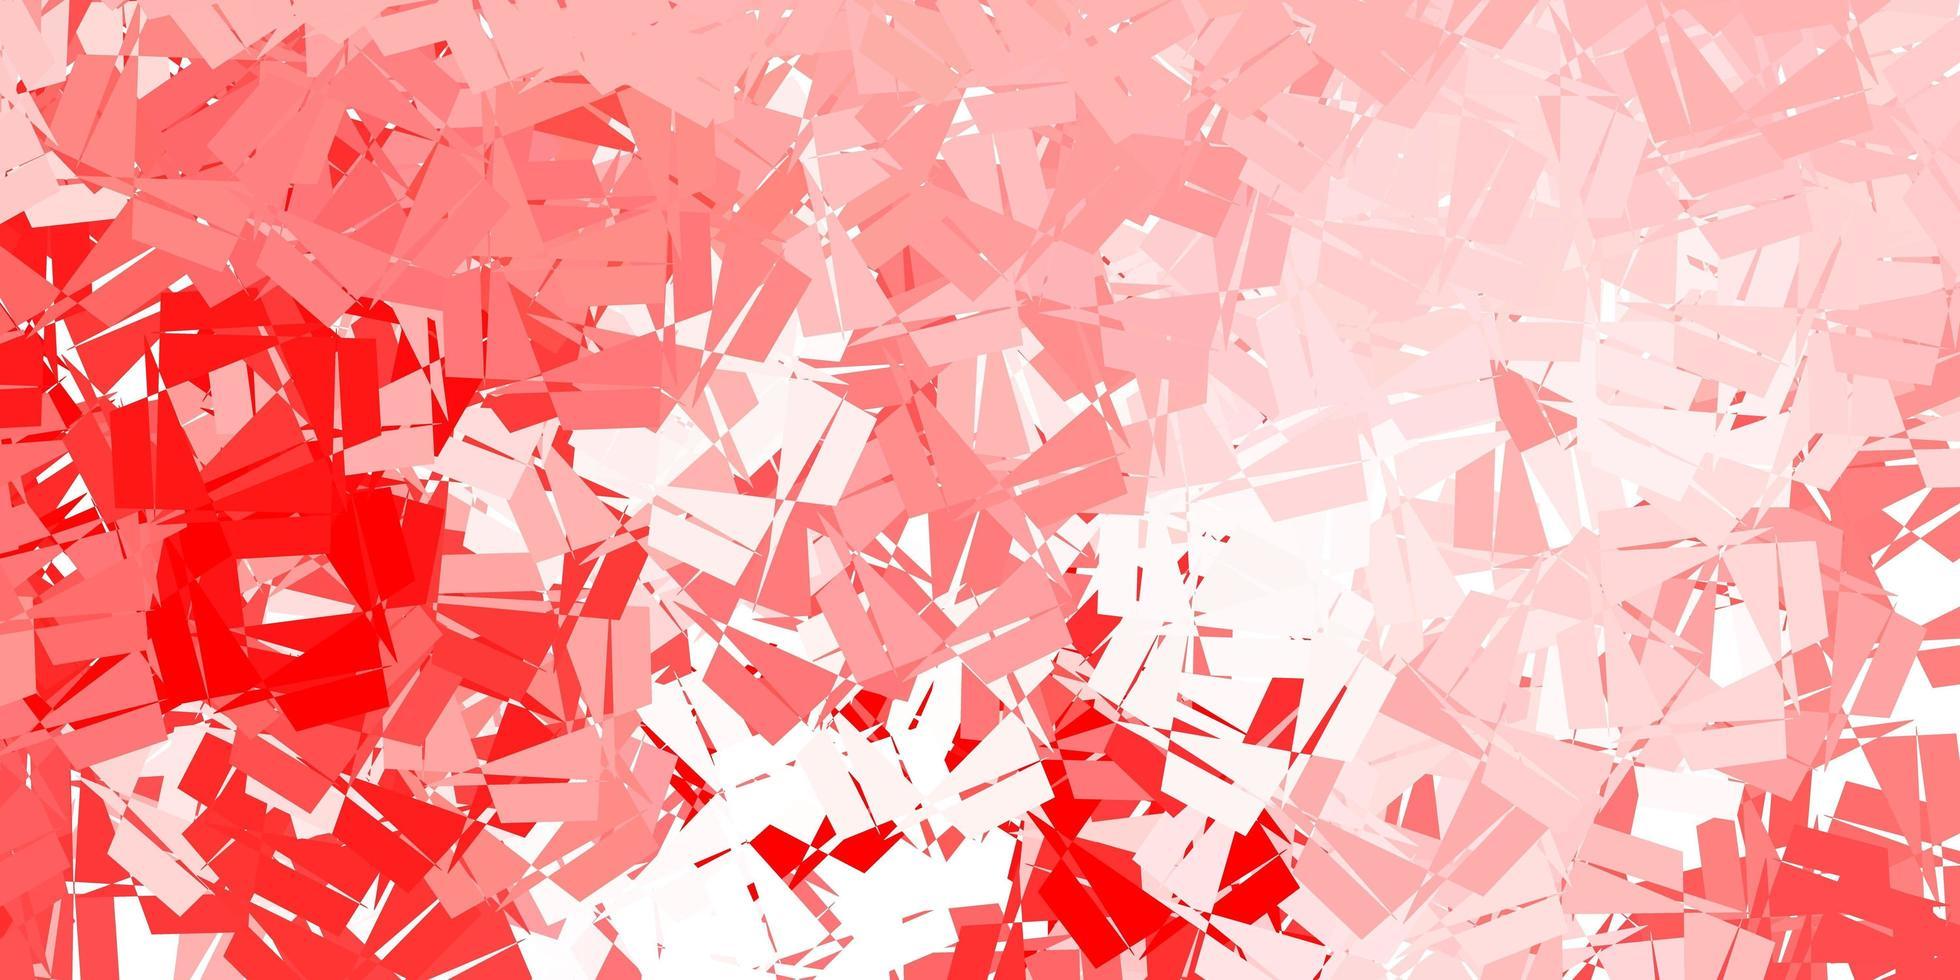 patrón de triángulo abstracto vector rojo claro.